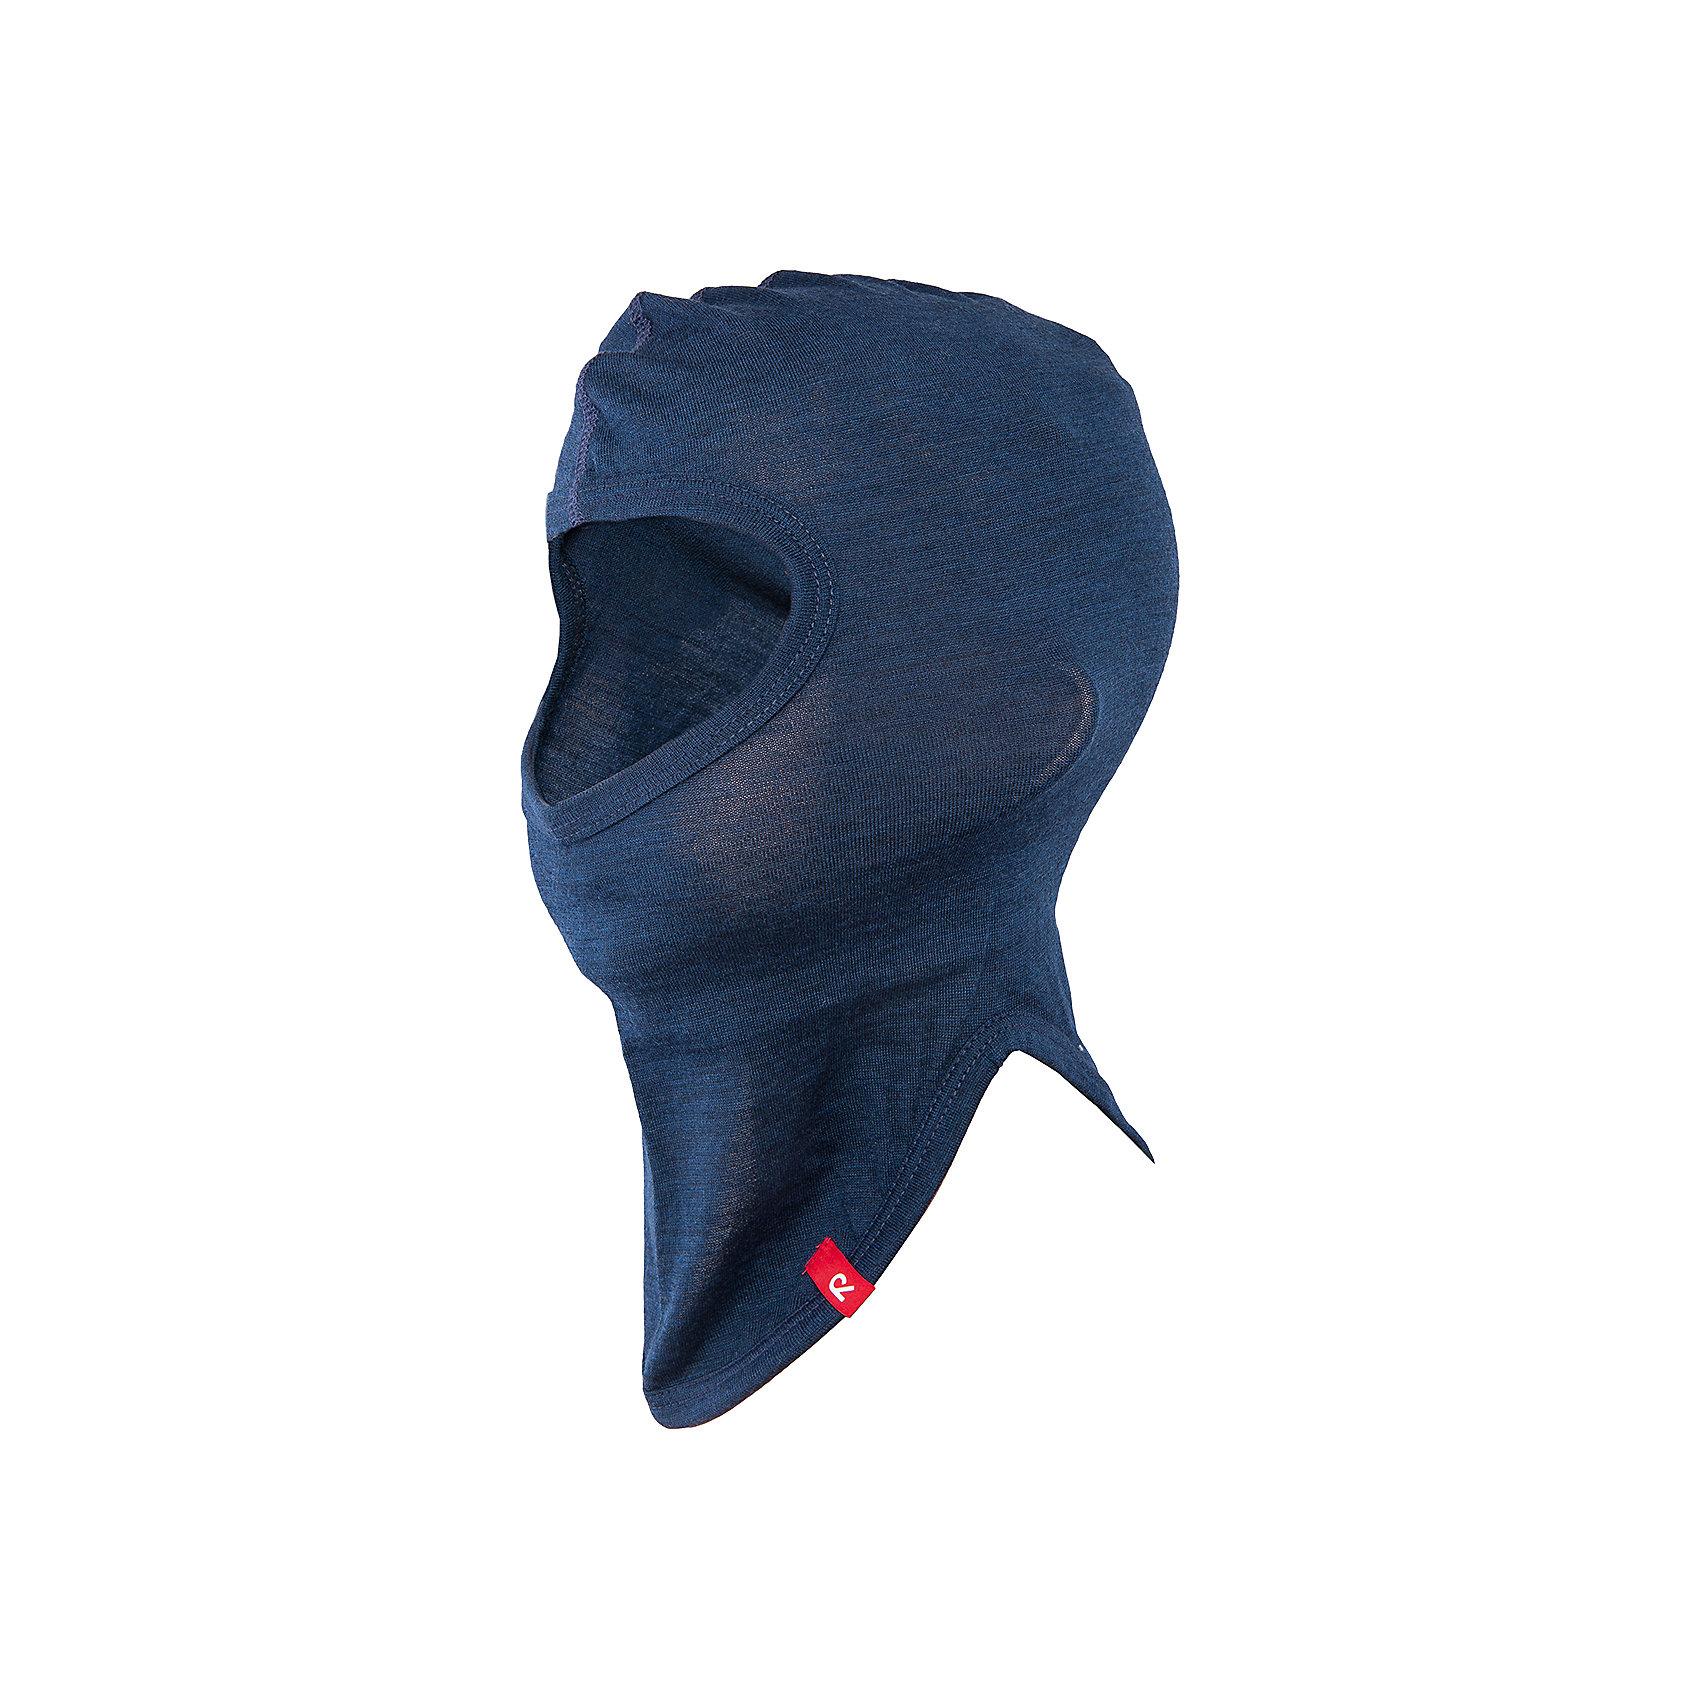 Шапка-шлем Howl ReimaШапки и шарфы<br>Шапка  Reima<br>Шапка-шлем базового слоя для детей. Мягкая ткань из мериносовой шерсти для поддержания идеальной температуры тела. Облегченный материал! Легкий стиль, без подкладки. Логотип Reima® сбоку.<br>Уход:<br>Стирать по отдельности, вывернув наизнанку. Придать первоначальную форму вo влажном виде. Возможна усадка 5 %.<br>Состав:<br>100% Шерсть<br><br>Ширина мм: 89<br>Глубина мм: 117<br>Высота мм: 44<br>Вес г: 155<br>Цвет: синий<br>Возраст от месяцев: 6<br>Возраст до месяцев: 9<br>Пол: Мужской<br>Возраст: Детский<br>Размер: 46,54,50<br>SKU: 4777745